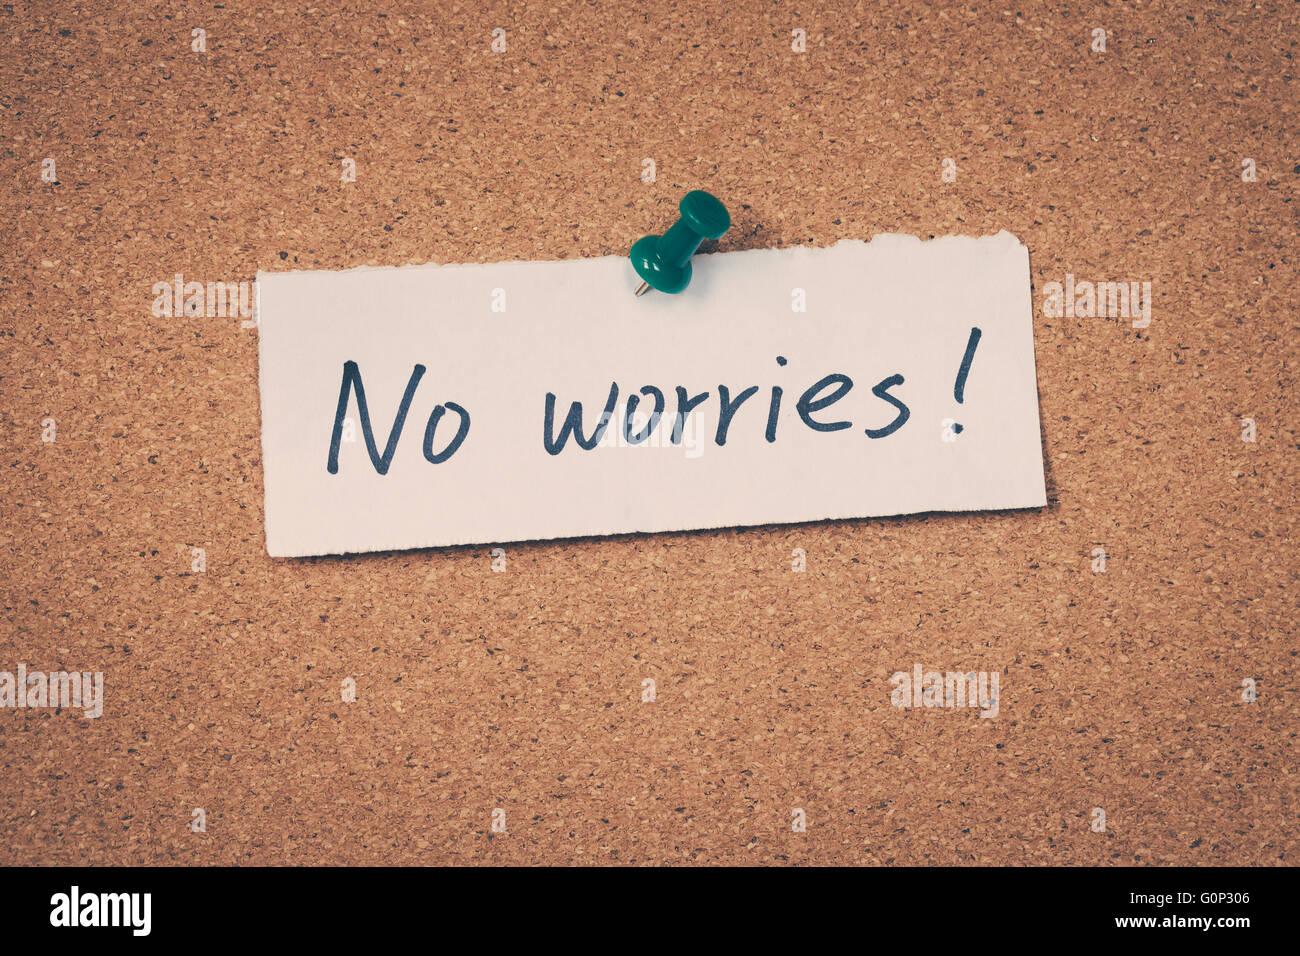 No Worries - Stock Image